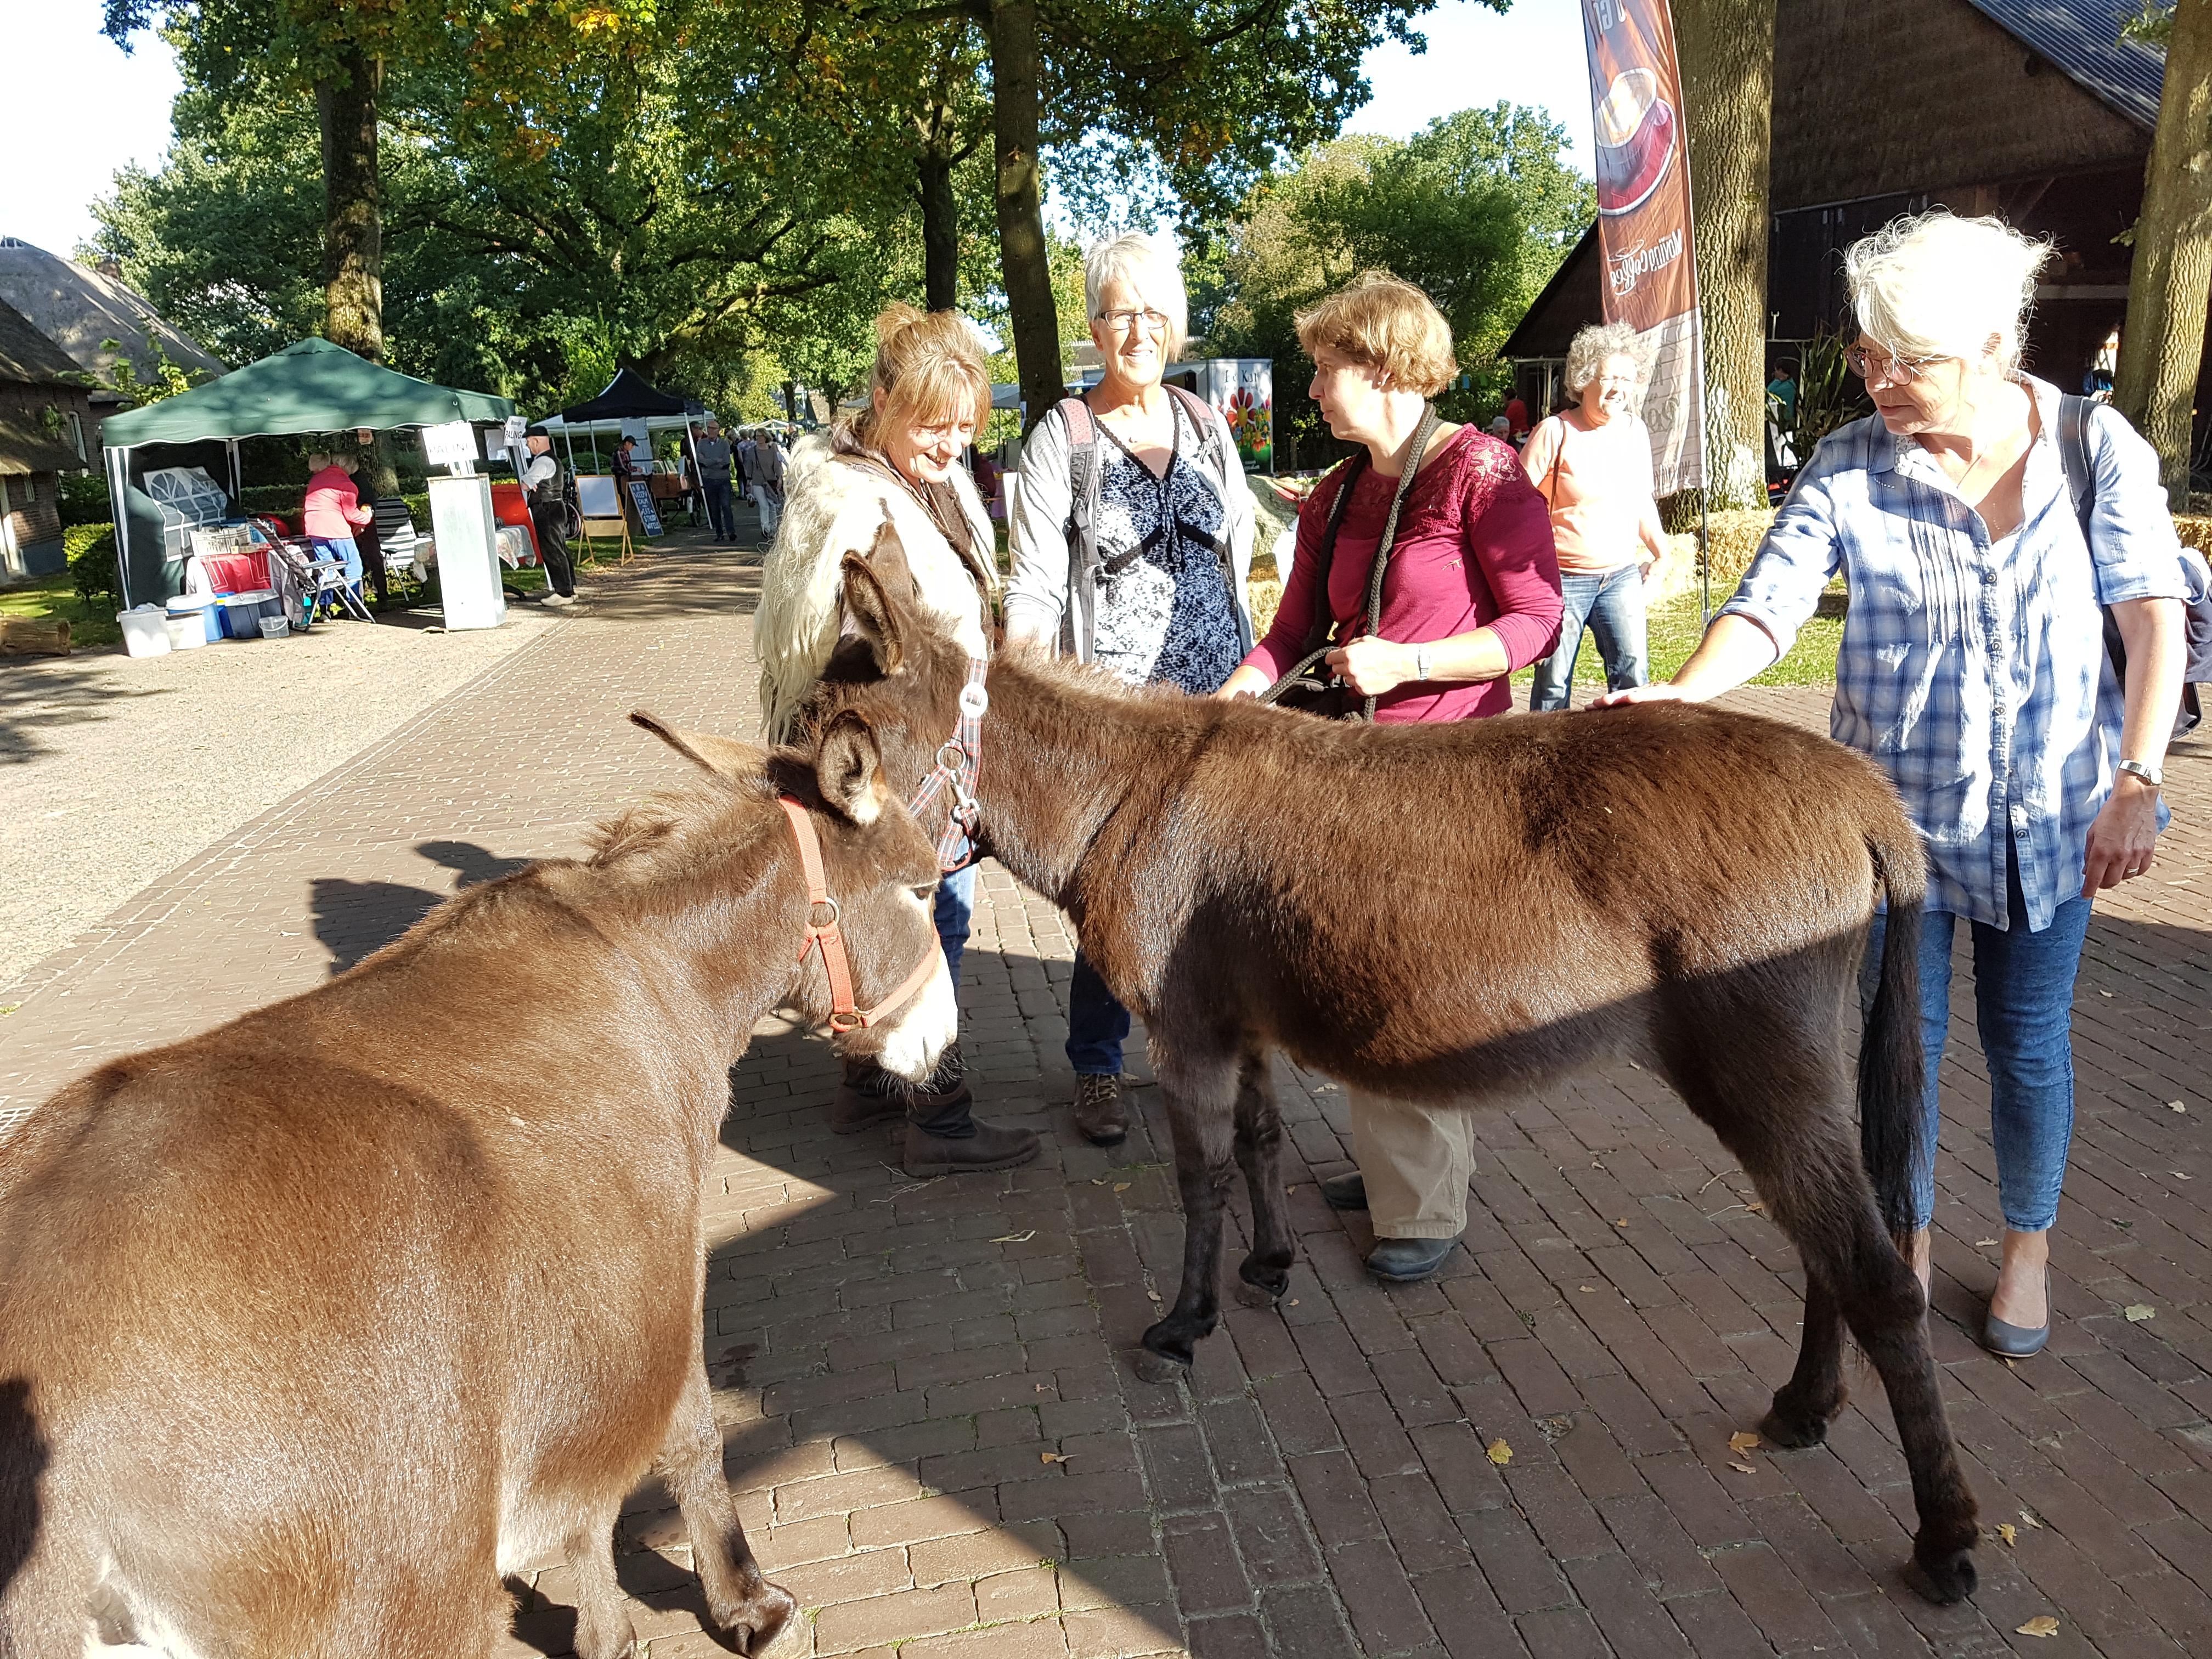 Wandeling door het dorp met de ezels